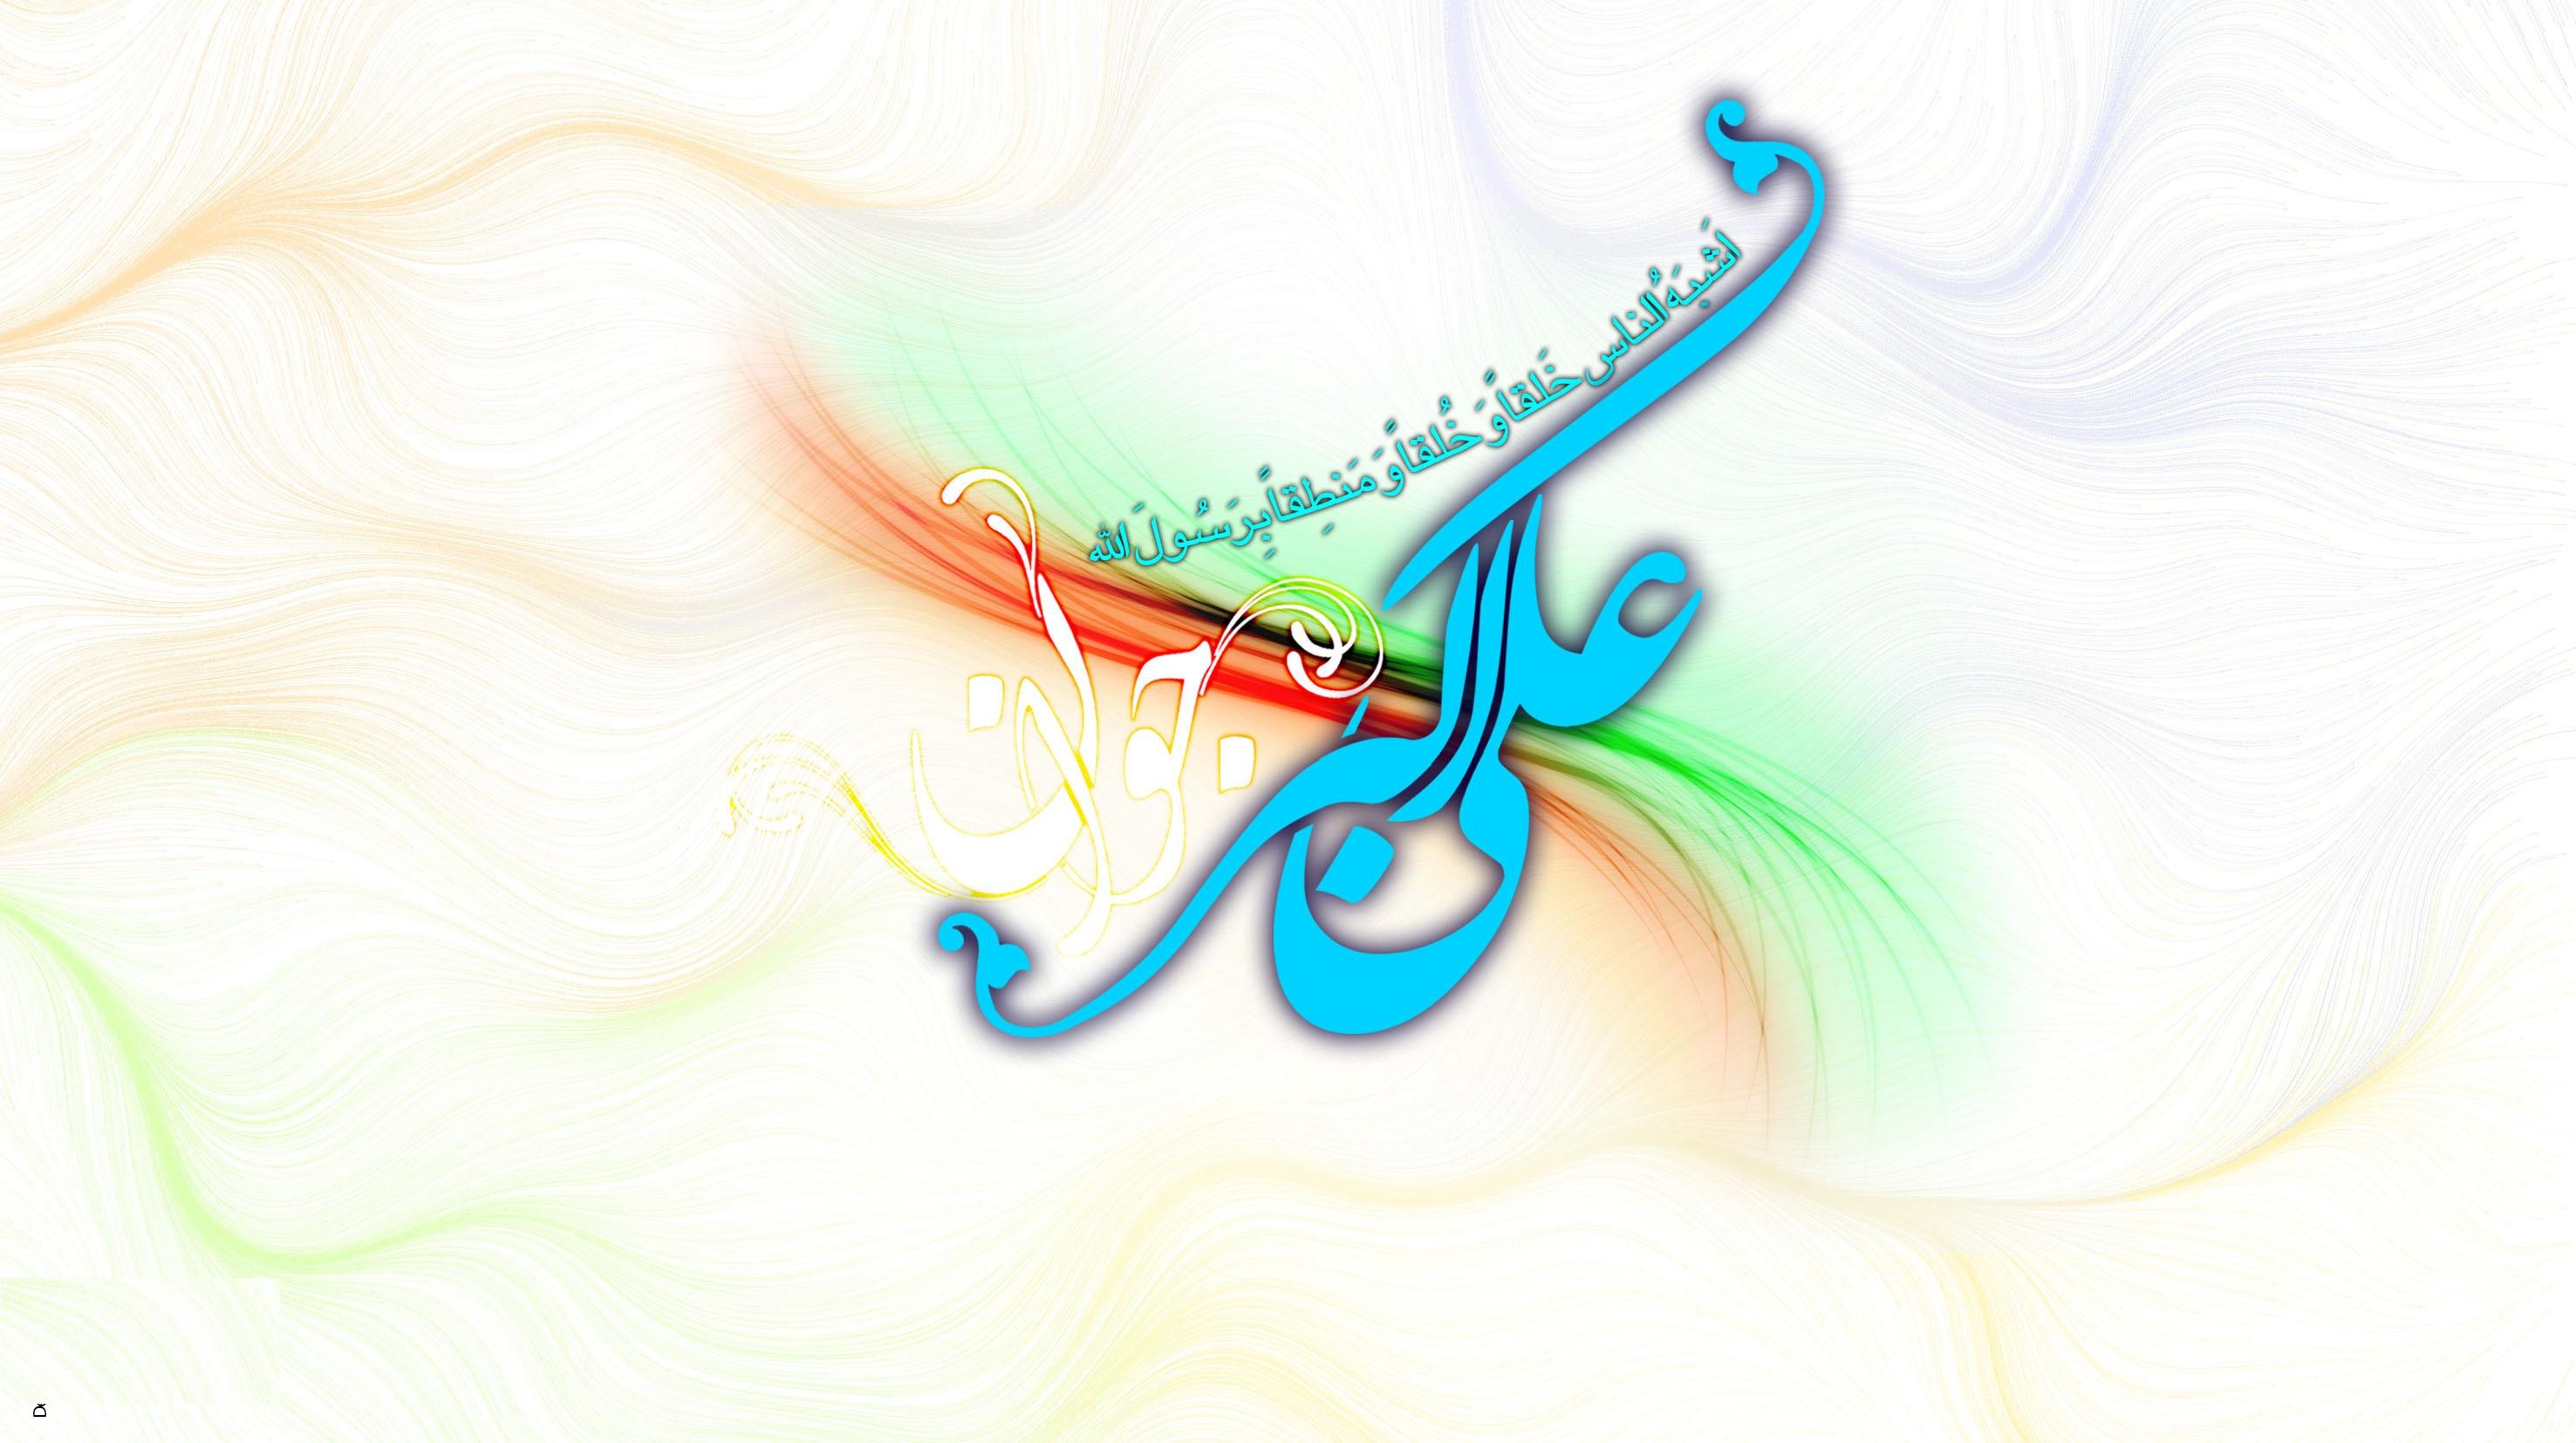 شبیه ترین فرد به پیامبر اکرم(ص) که بود؟/ شرح مختصری از زندگینامه حضرت علی اکبر(ع)